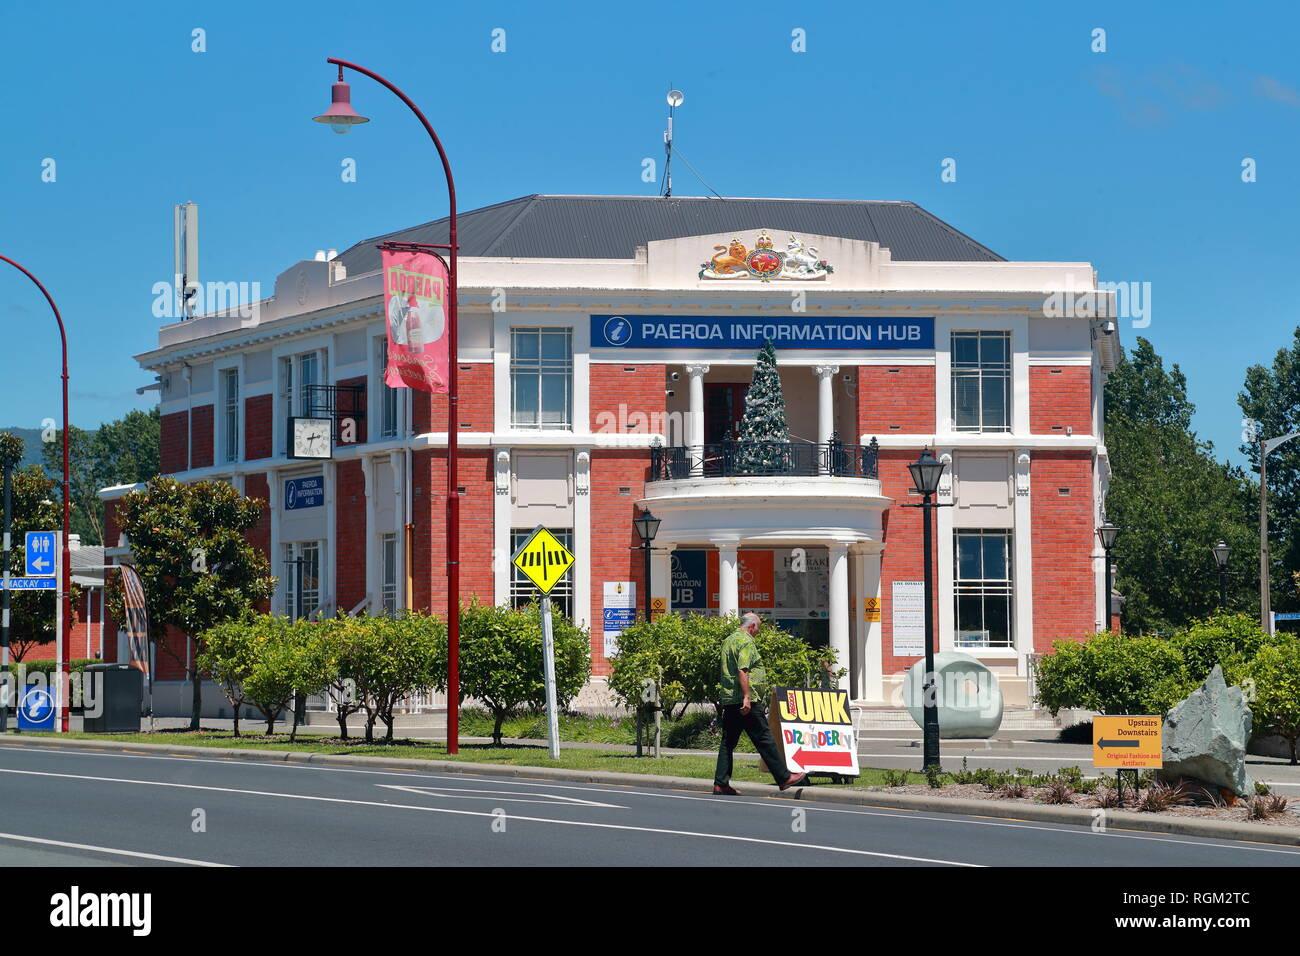 Ancien bureau de poste à Paeroa, Nouvelle-Zélande Photo Stock